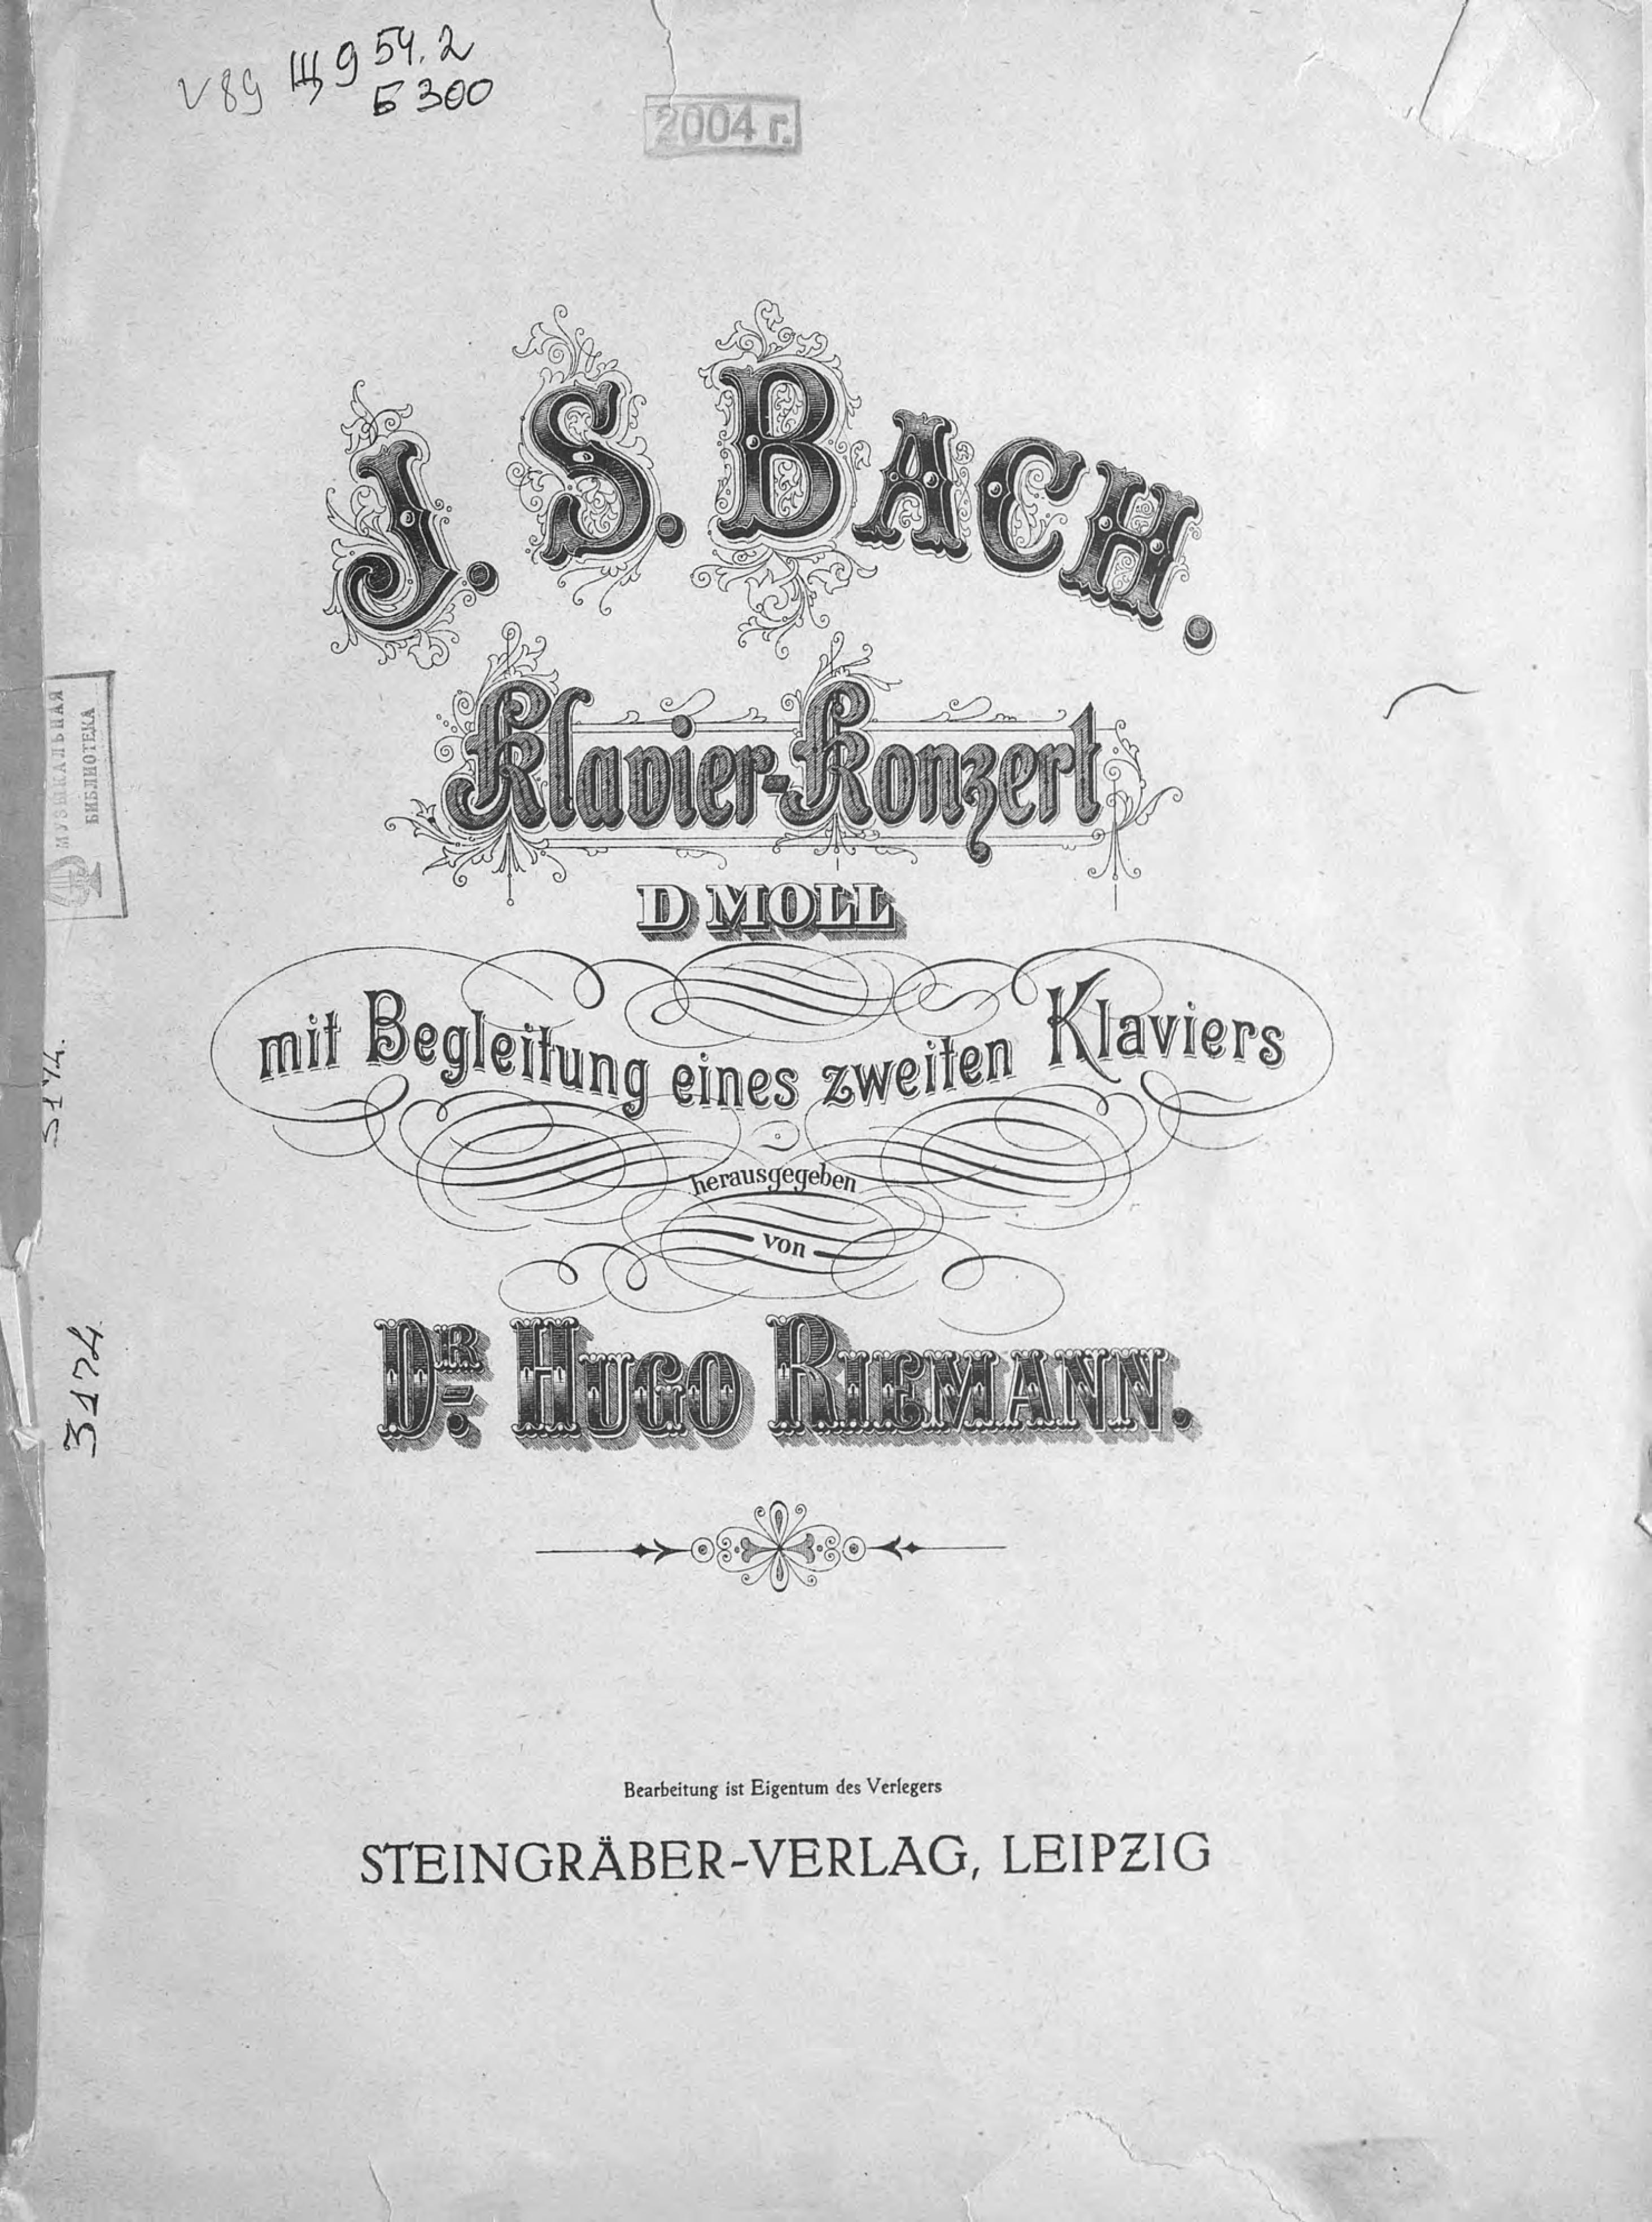 цена Иоганн Себастьян Бах Klavier-Konzert D-moll mit Begleitung eines zweiten Klaviers онлайн в 2017 году